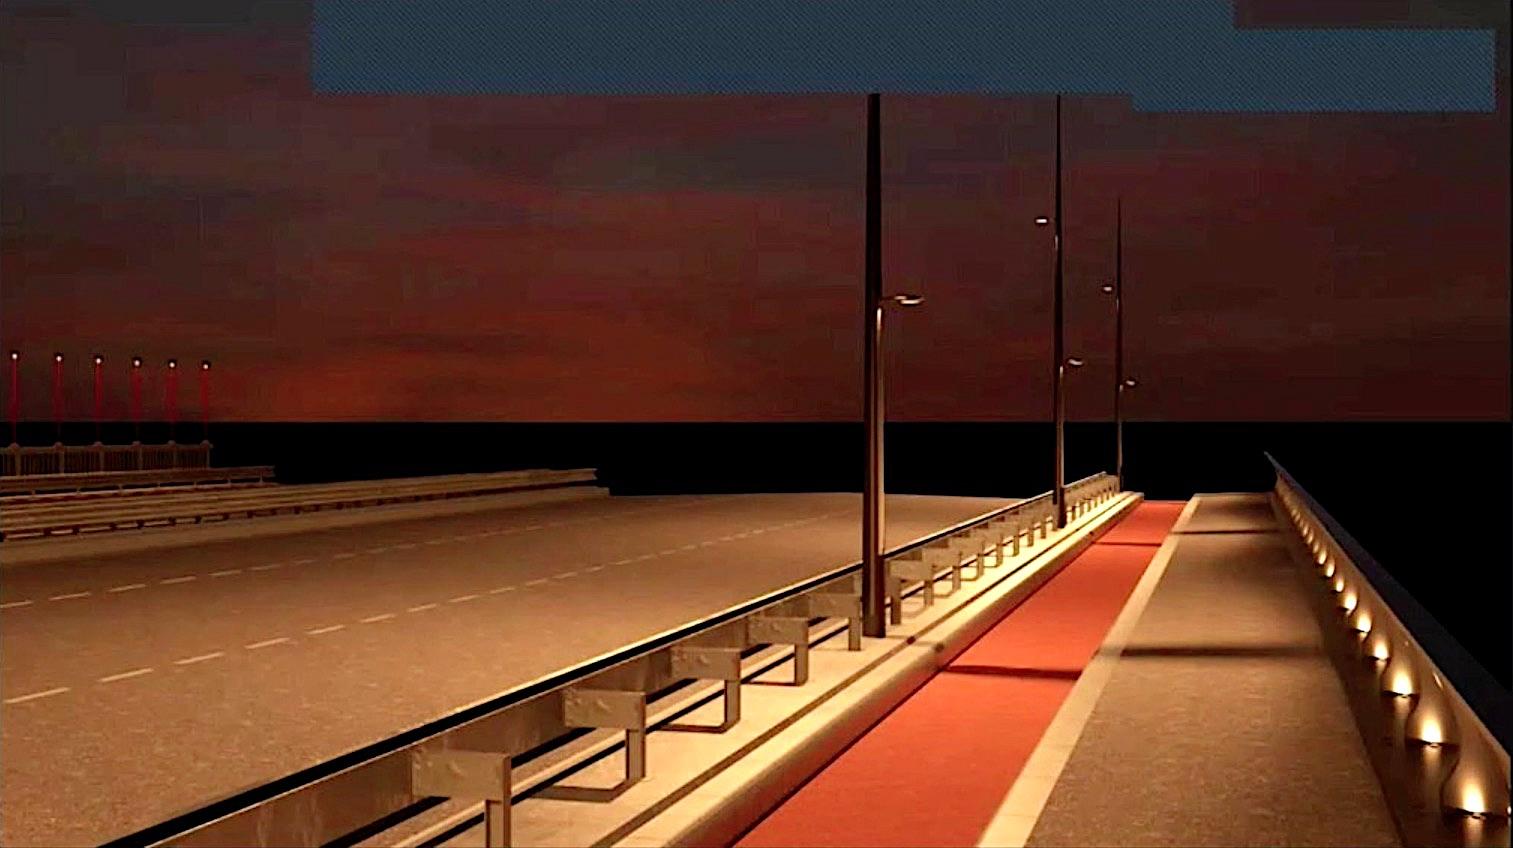 Noul pod peste Cibin, estimat la 5,4 milioane de euro: după 12 ani, sibienii pot vedea patru simulări